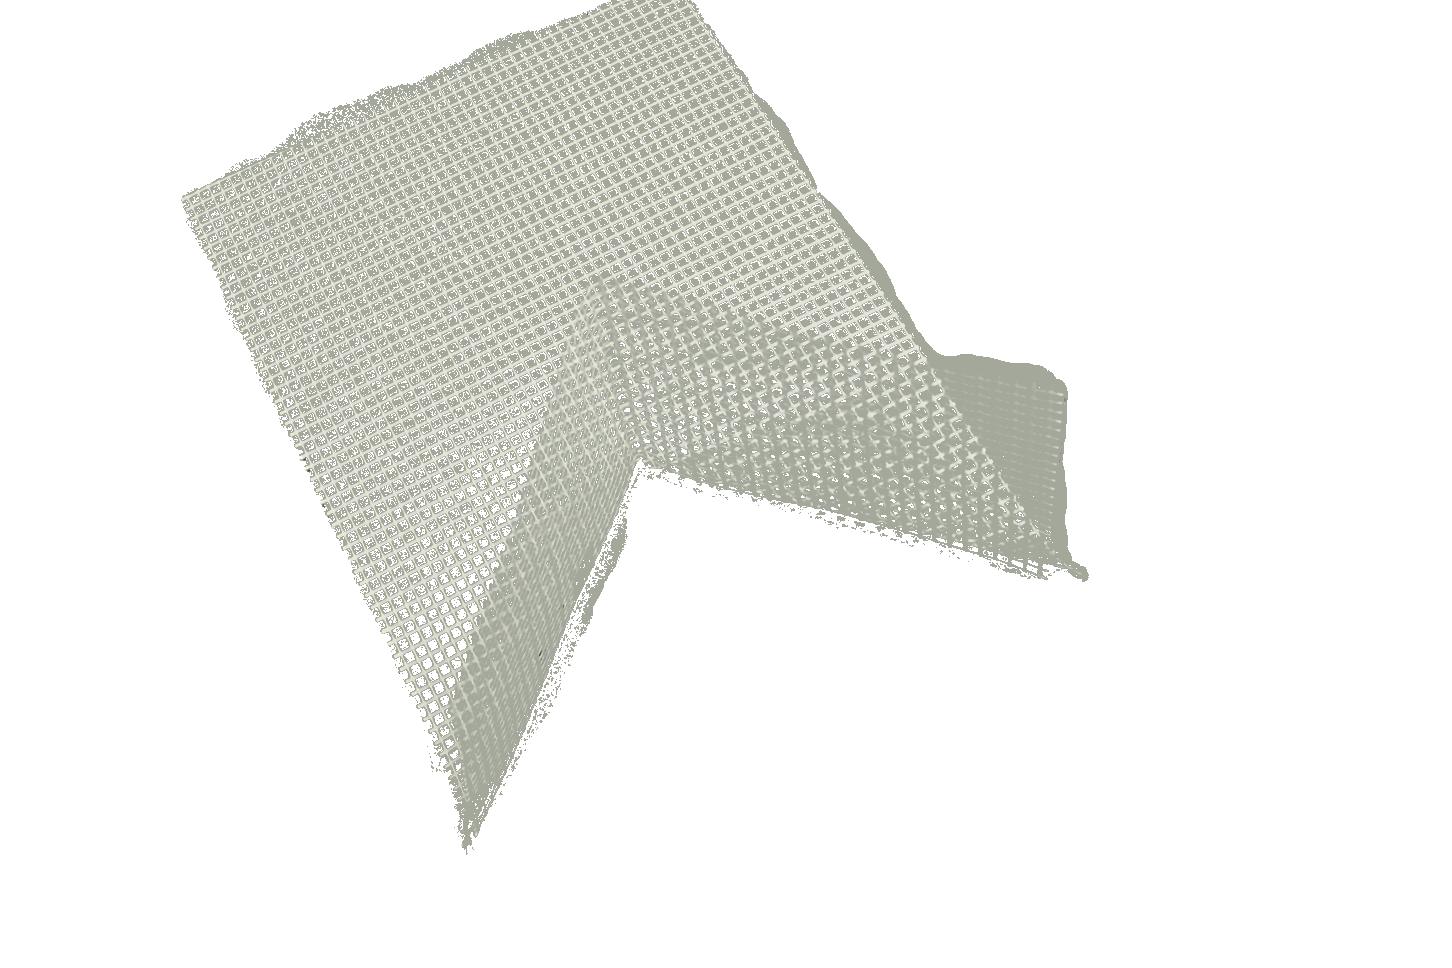 3D Corner Strengthening Mesh – UdiREINFORCEMENT